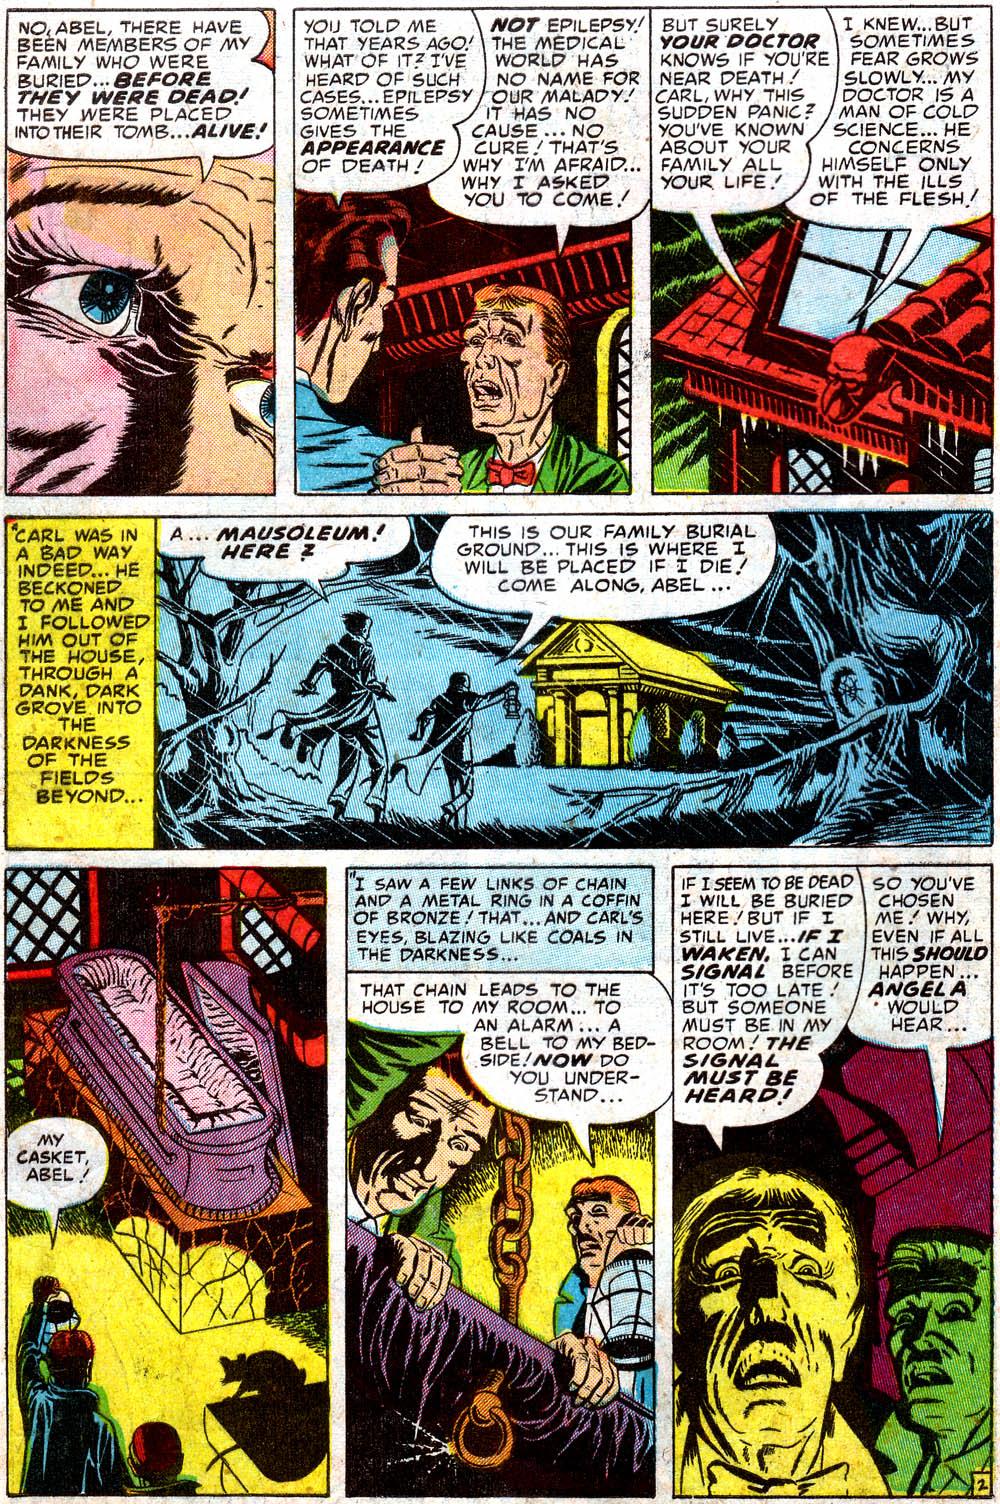 Ditko Comics: Black Magic #28[v4n4] [1954]